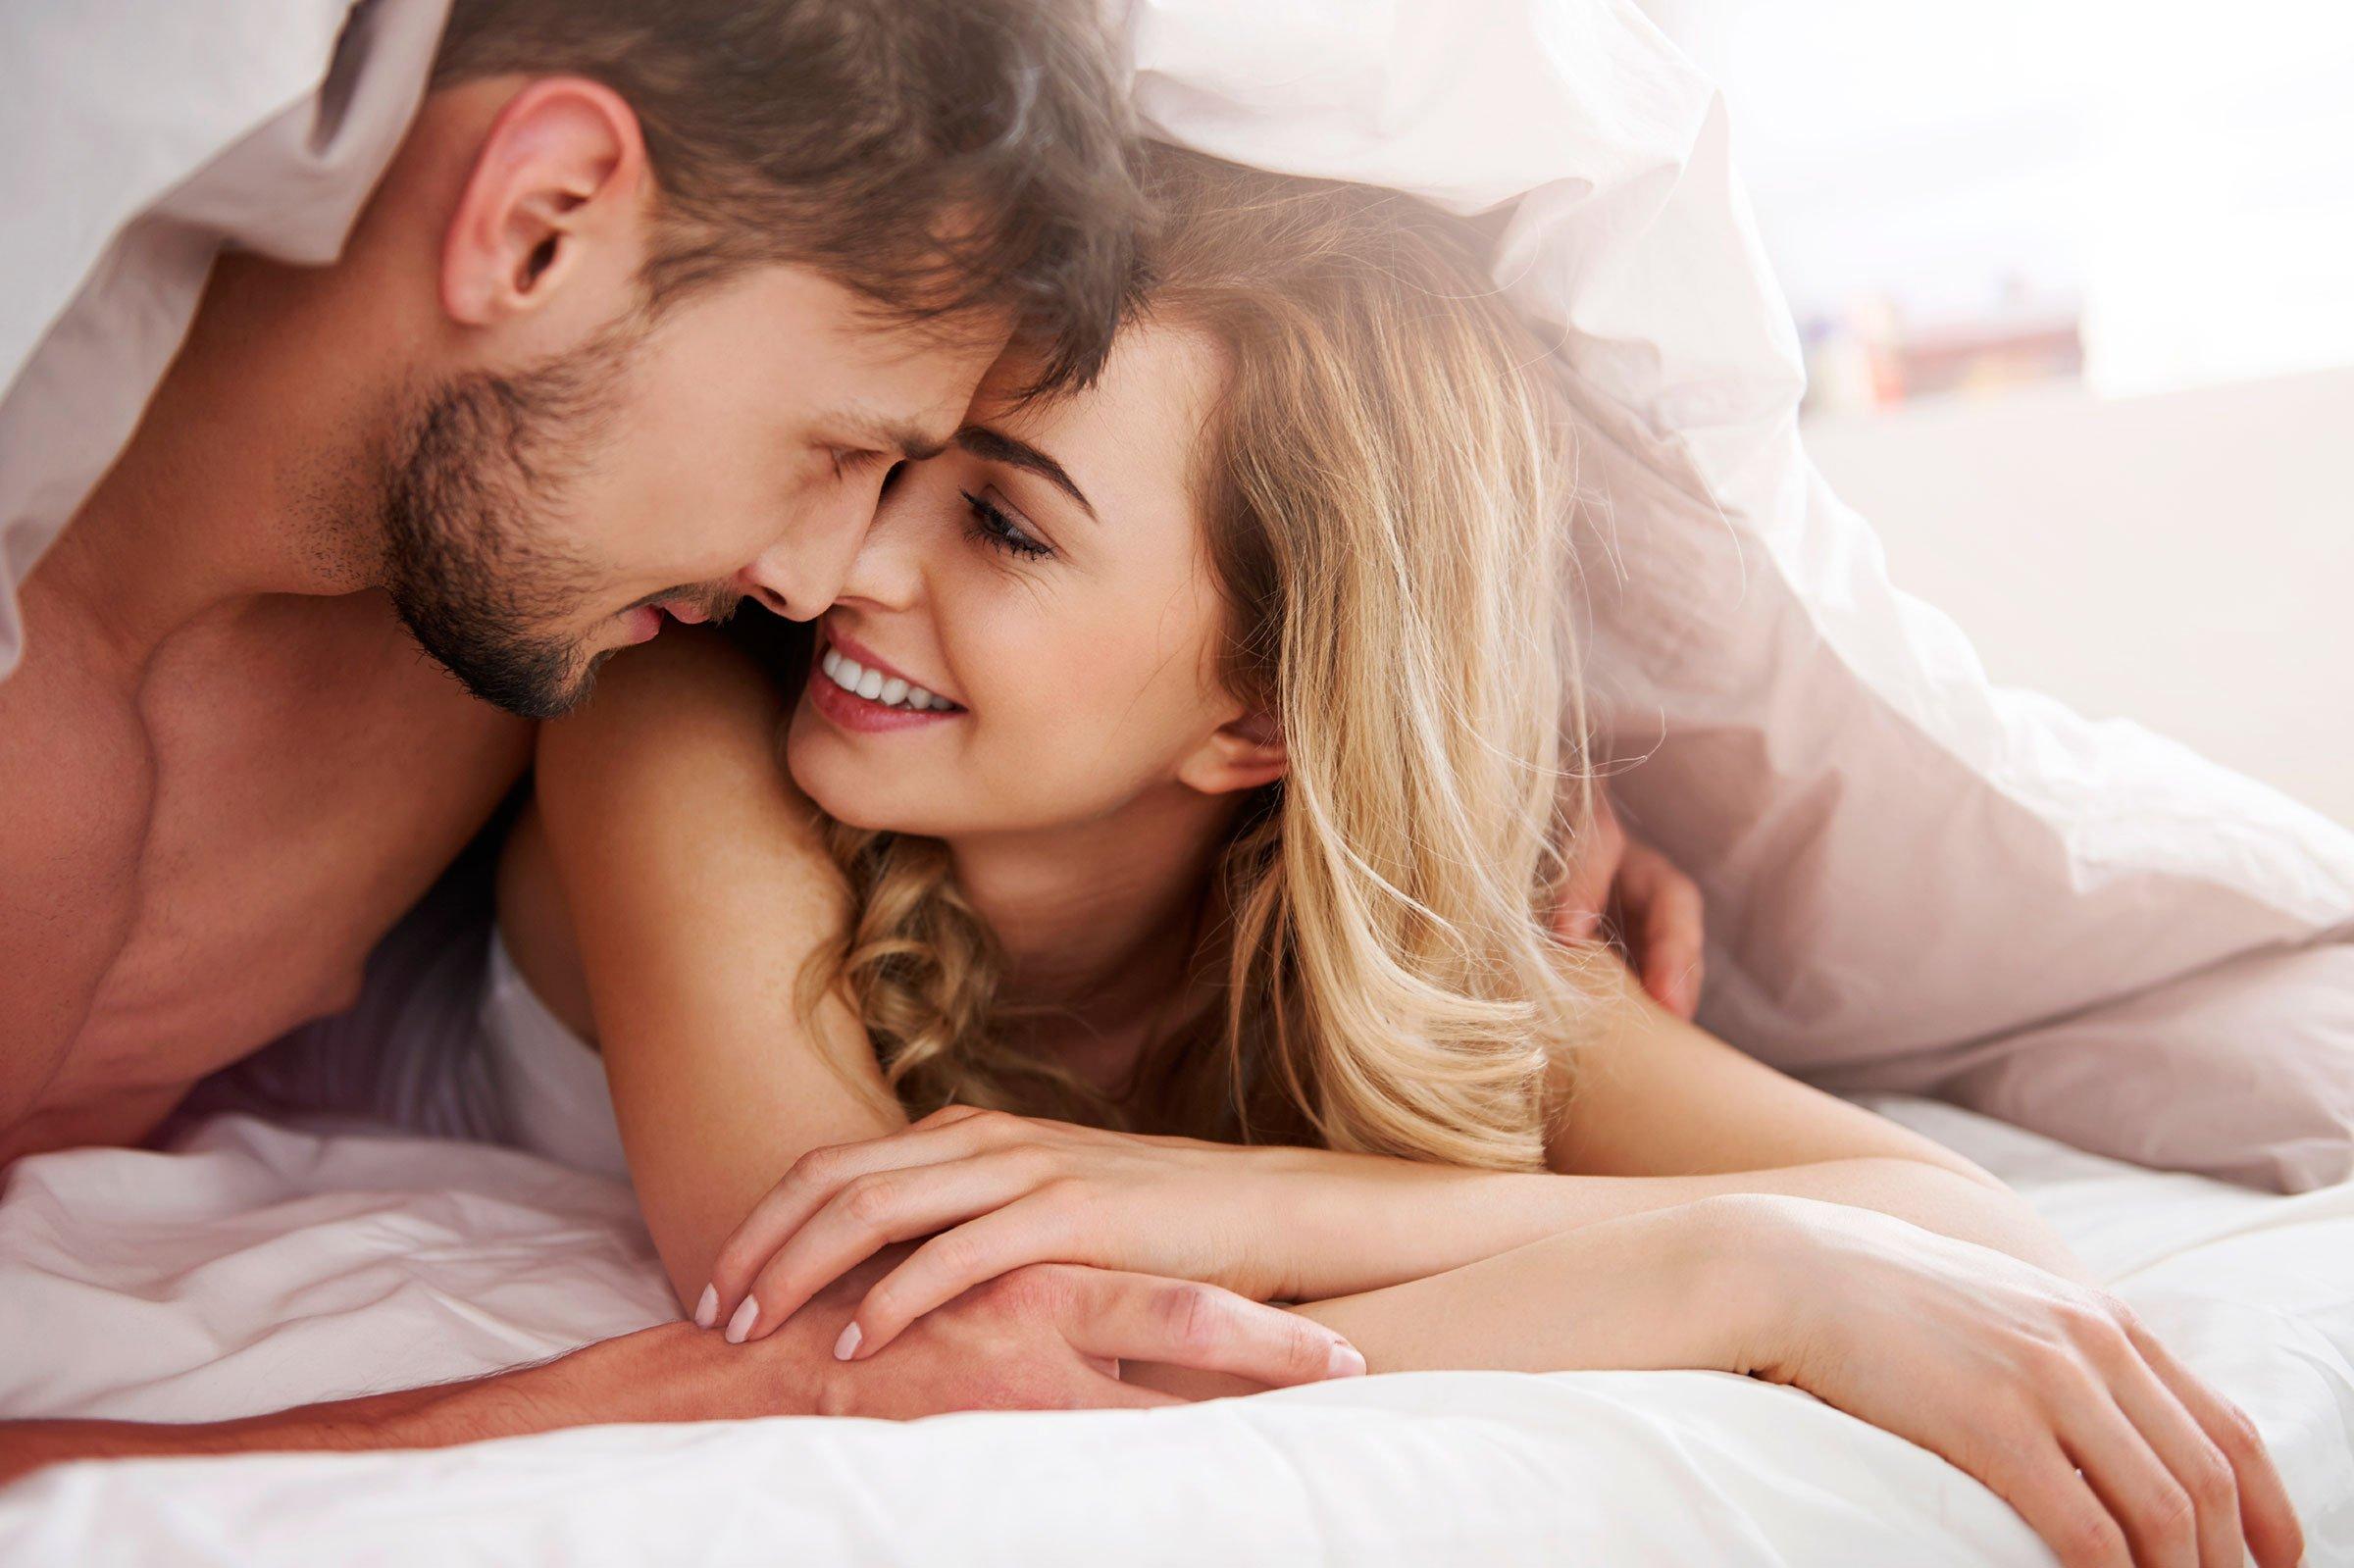 Воздержание от секса два дня